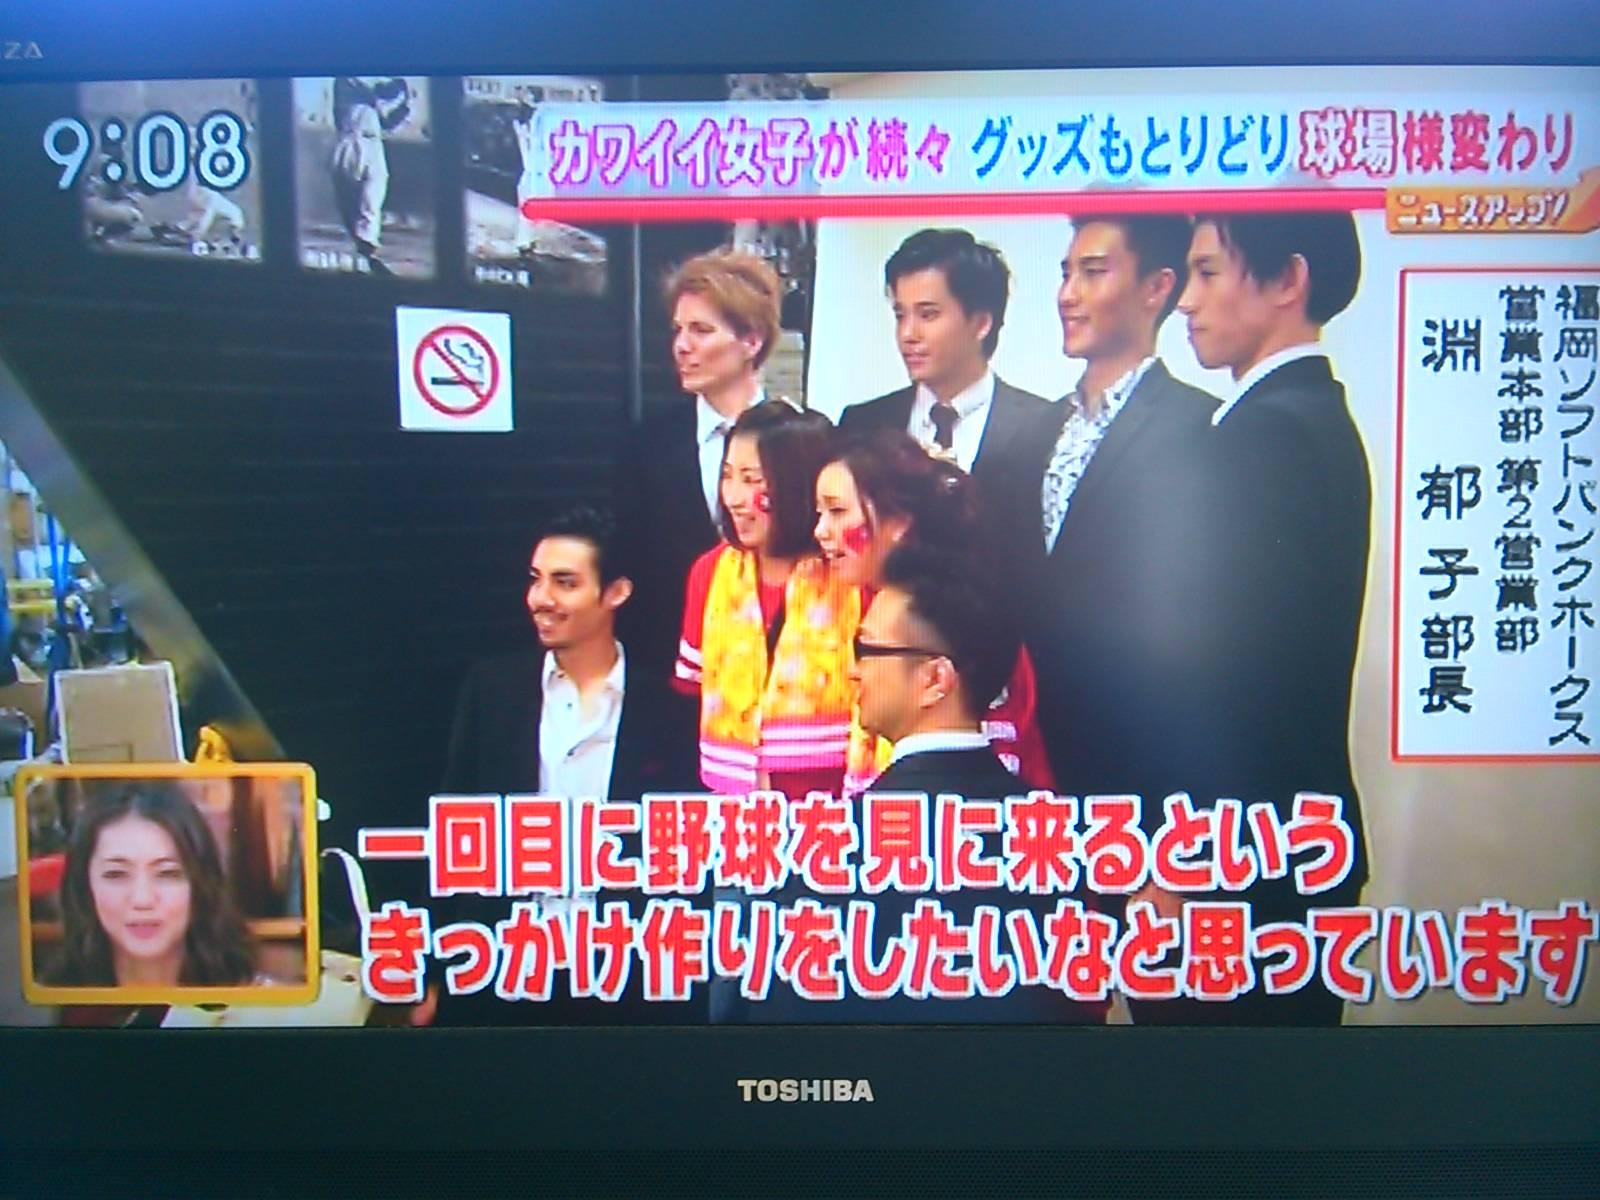 テレビ朝日・モーニングバード